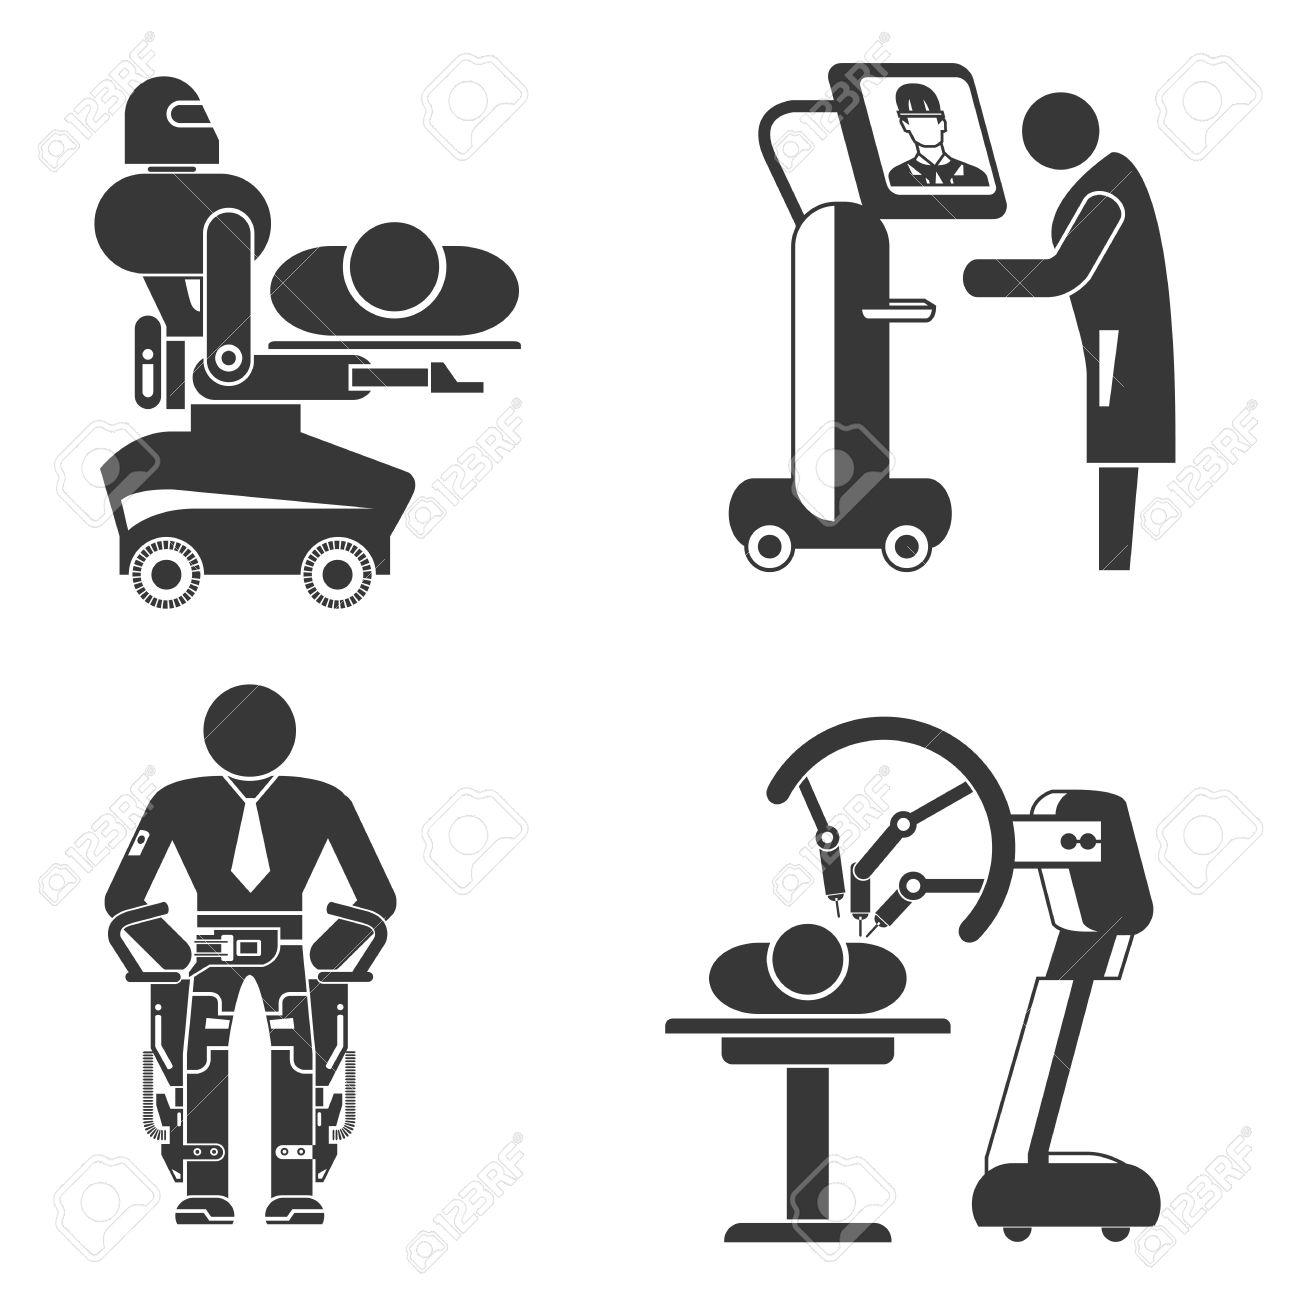 robots in surgical procedures essay